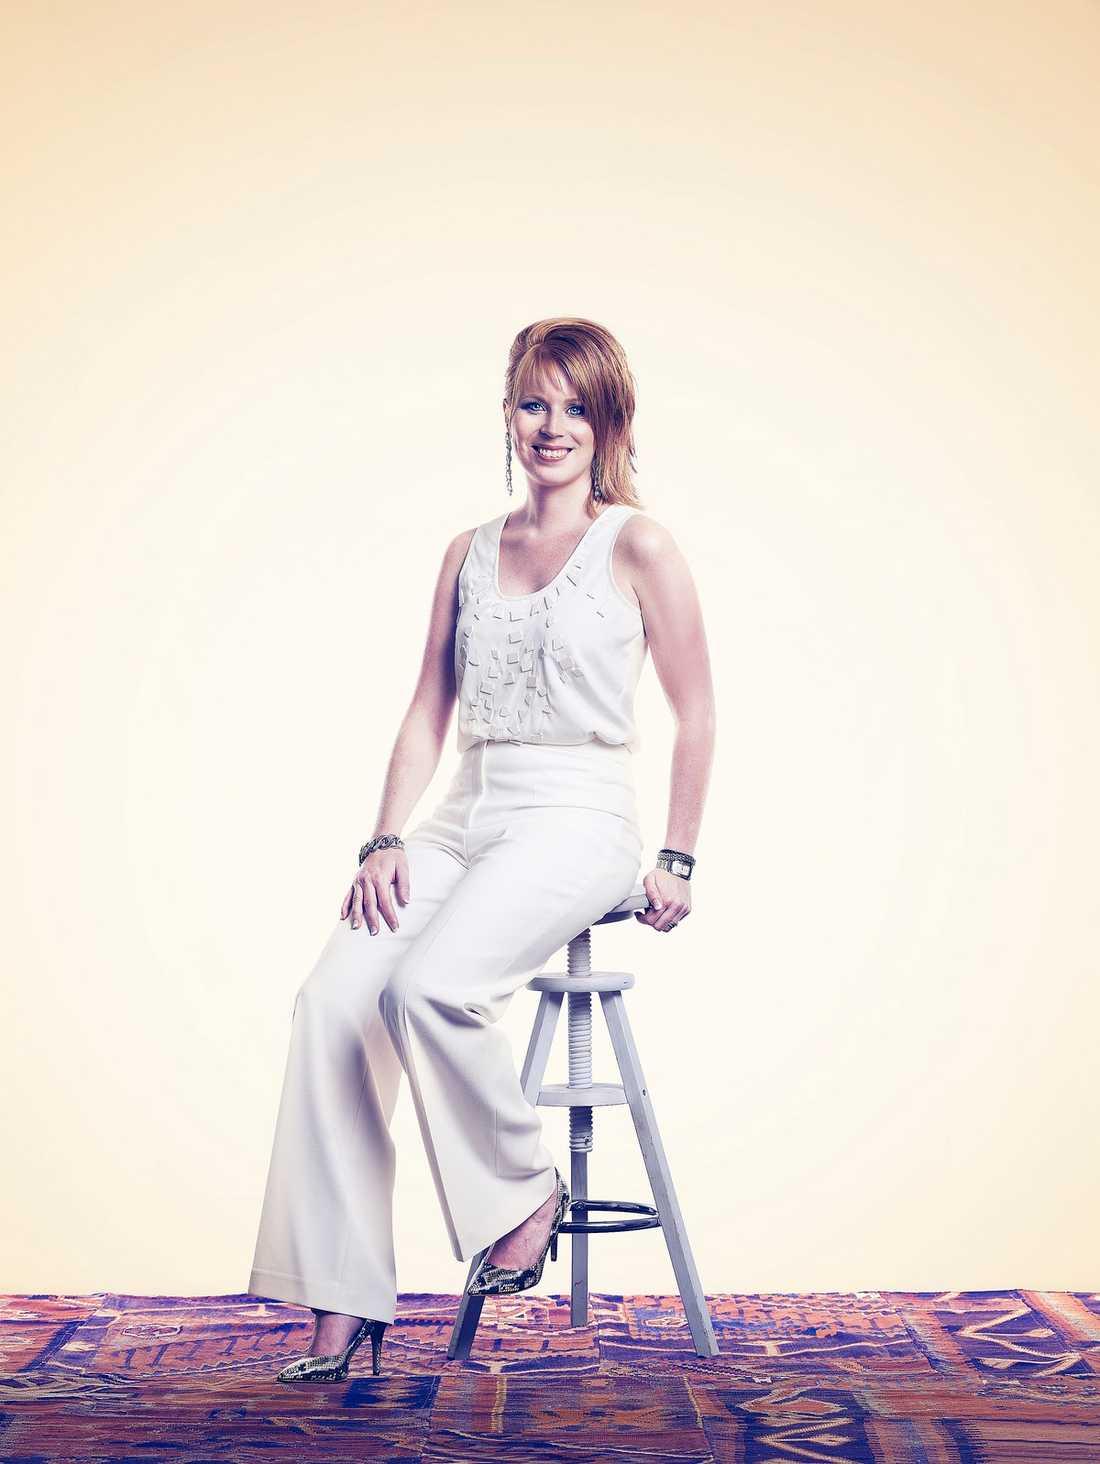 LÖÖFTE Annie Lööf tippas att bli en av de mäktigaste kvinnorna i Sverige 2012.